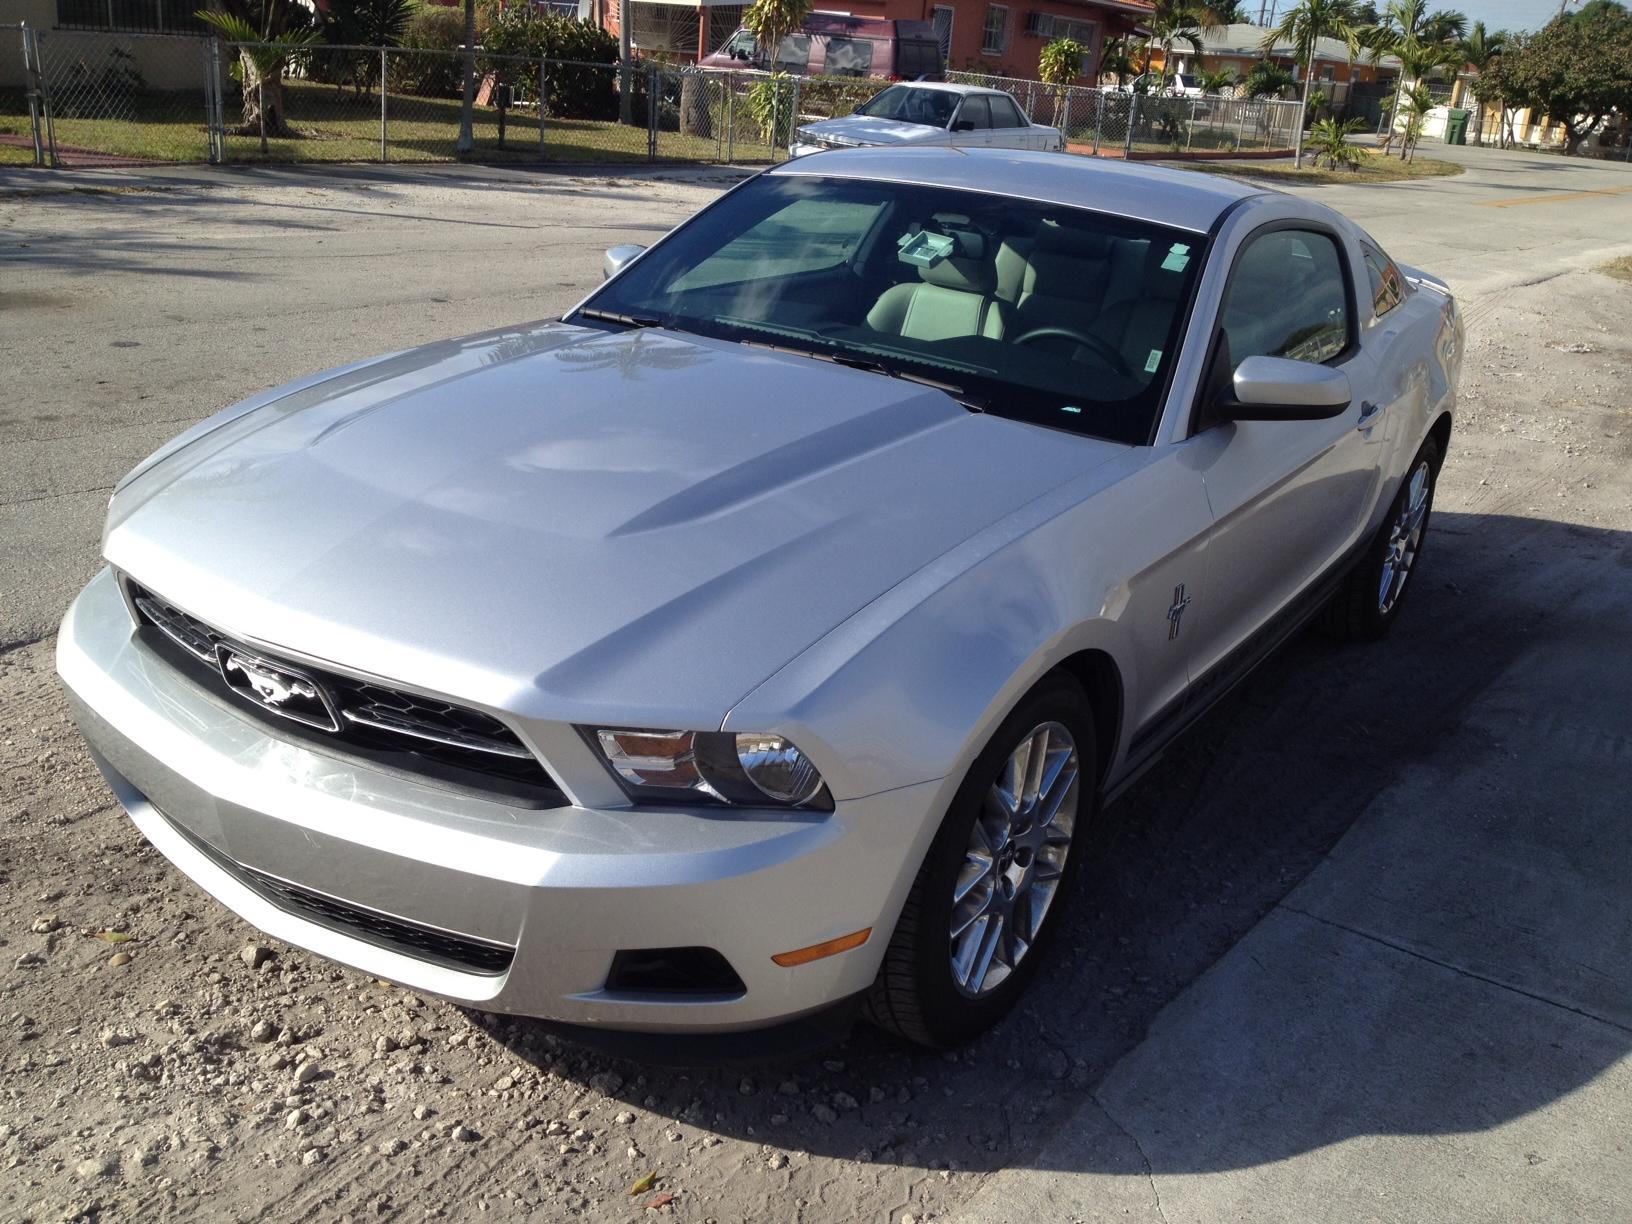 Bili smo u Miamiju i vozili se Mustangom